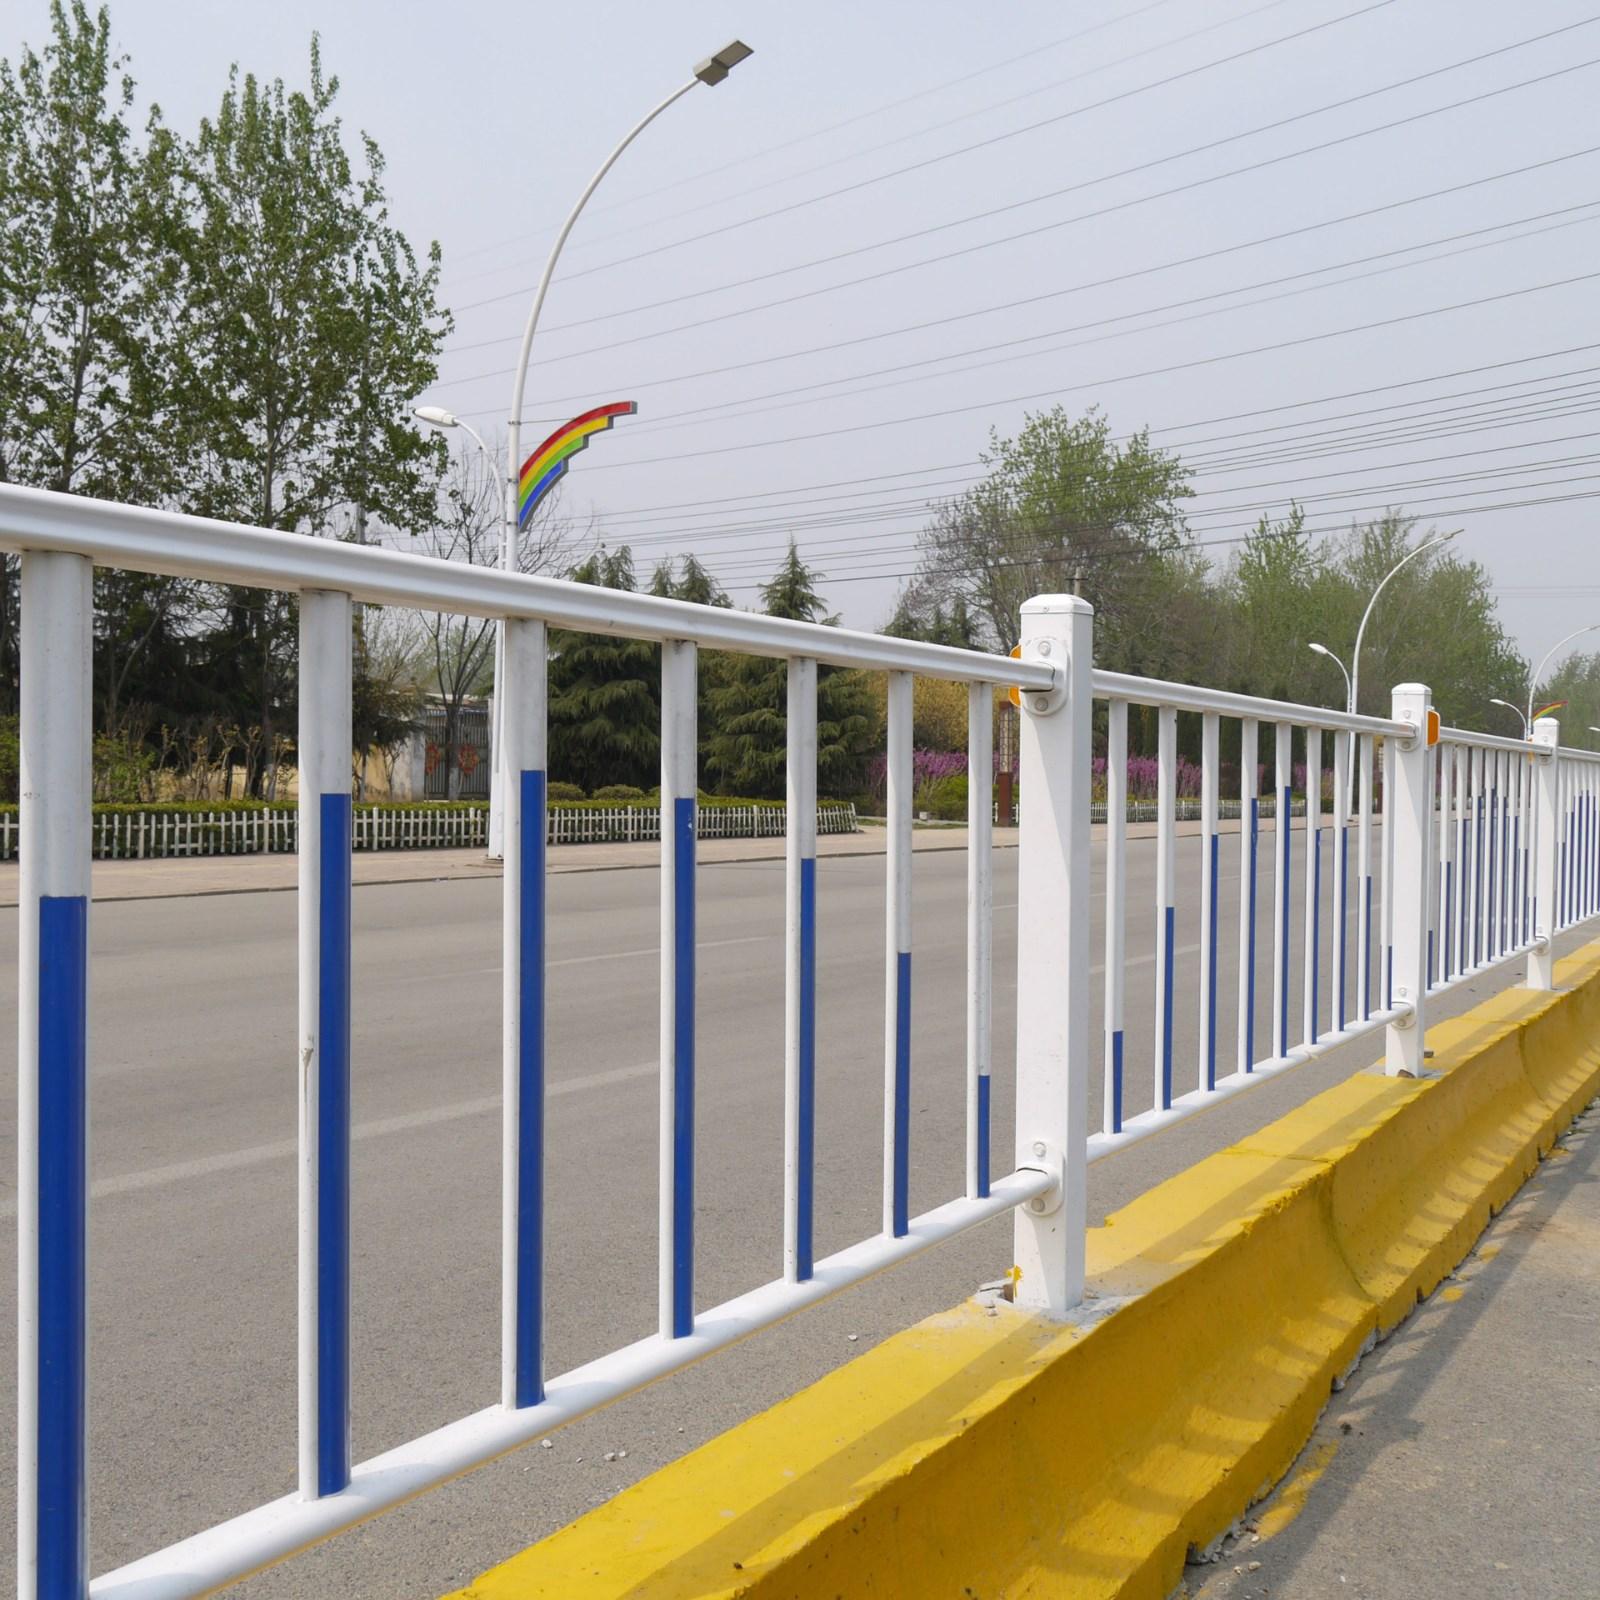 厂家直销 市政道路护栏 京式道路护栏 花式护栏小区护栏图片